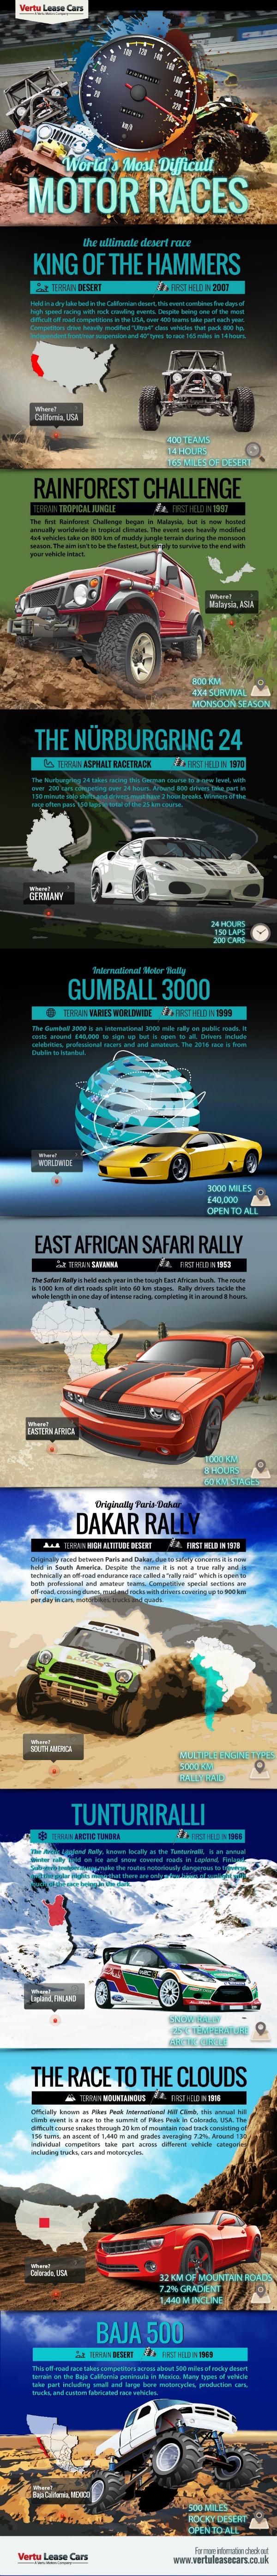 races graphic